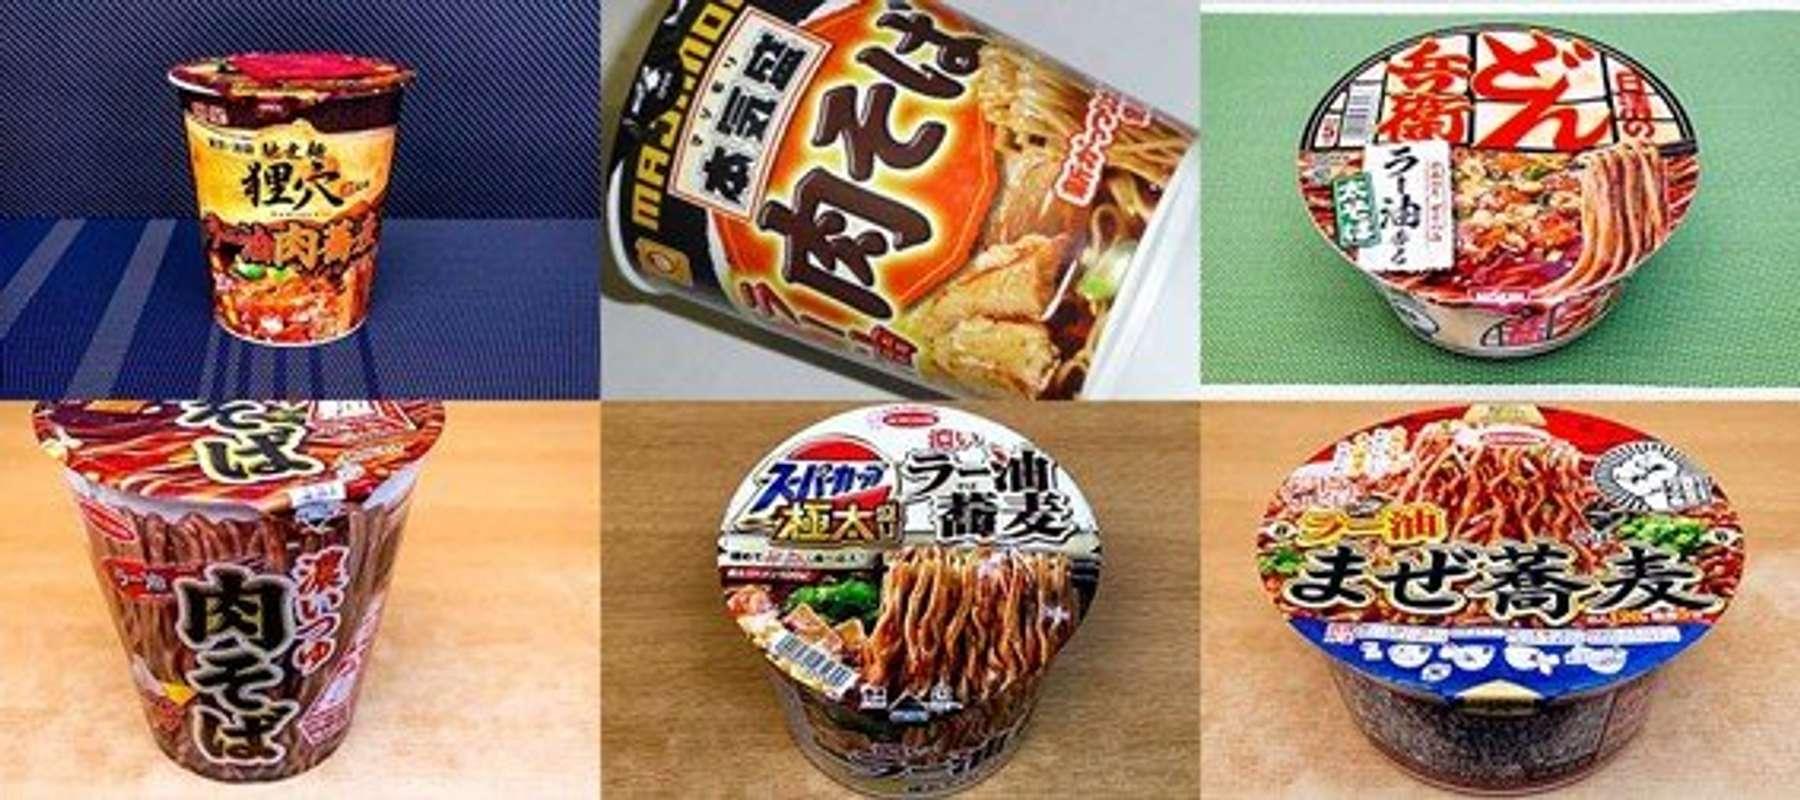 ラー油肉蕎麦の影響を受けた多くのカップ麺